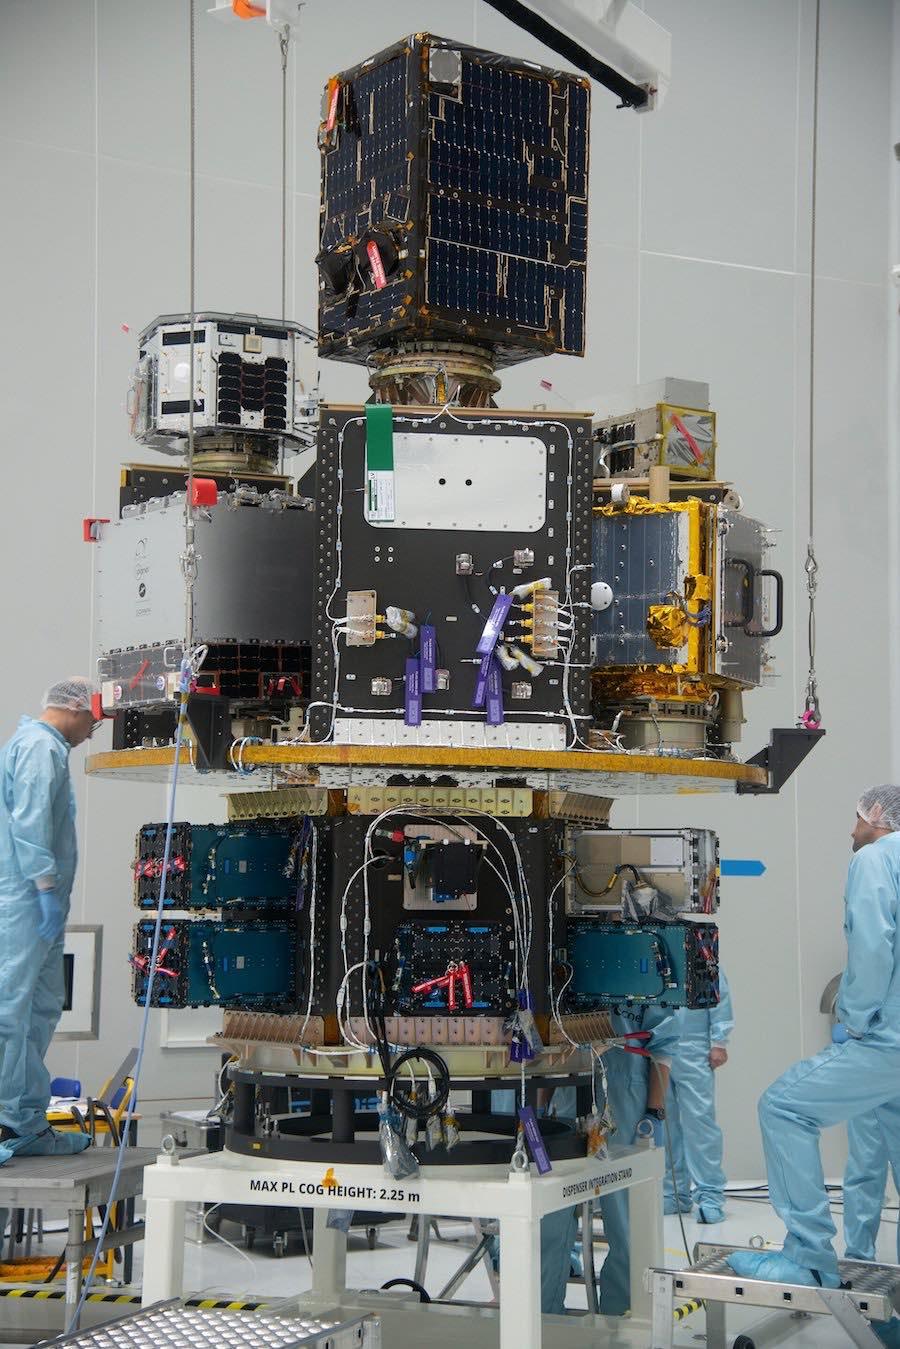 Vega rocket deploys 53 satellites on successful return to flight mission